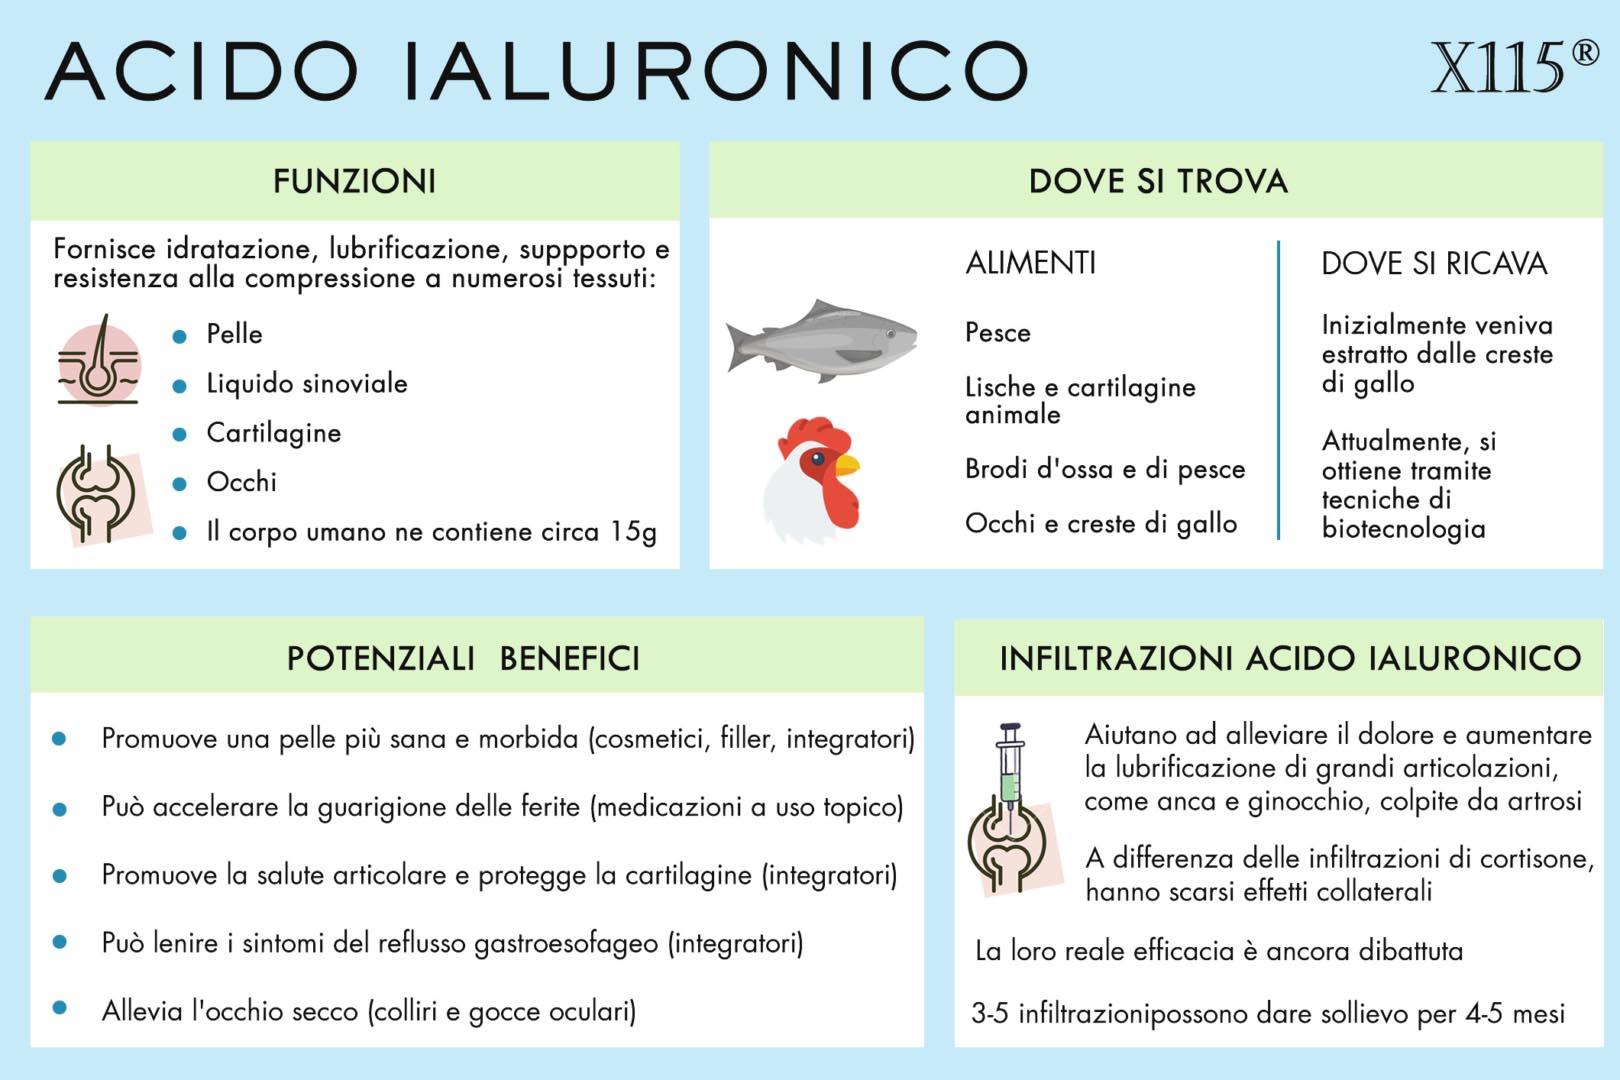 acido ialuronico infiltrazioni infografica